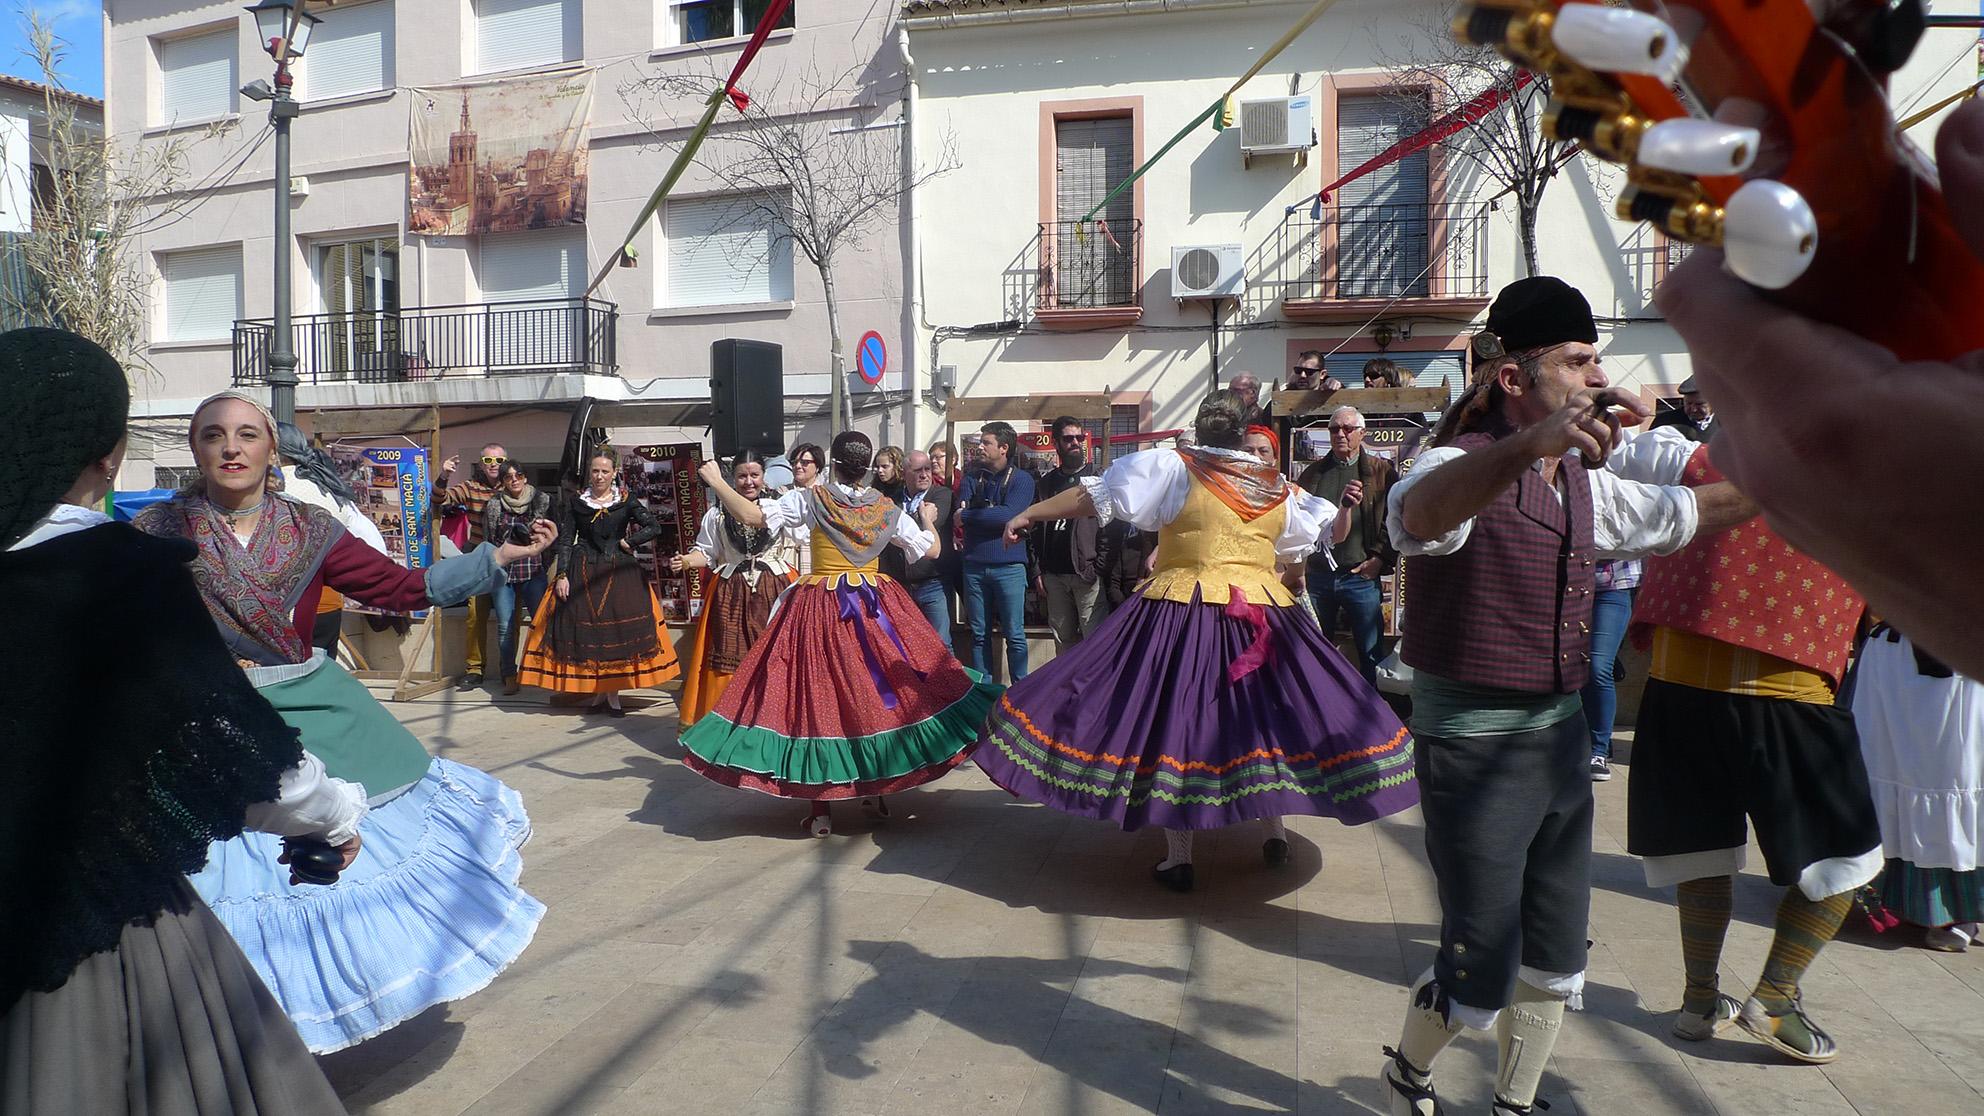 2015-02-21 Baladre al Porrat St Macia RotovaCAM (146)